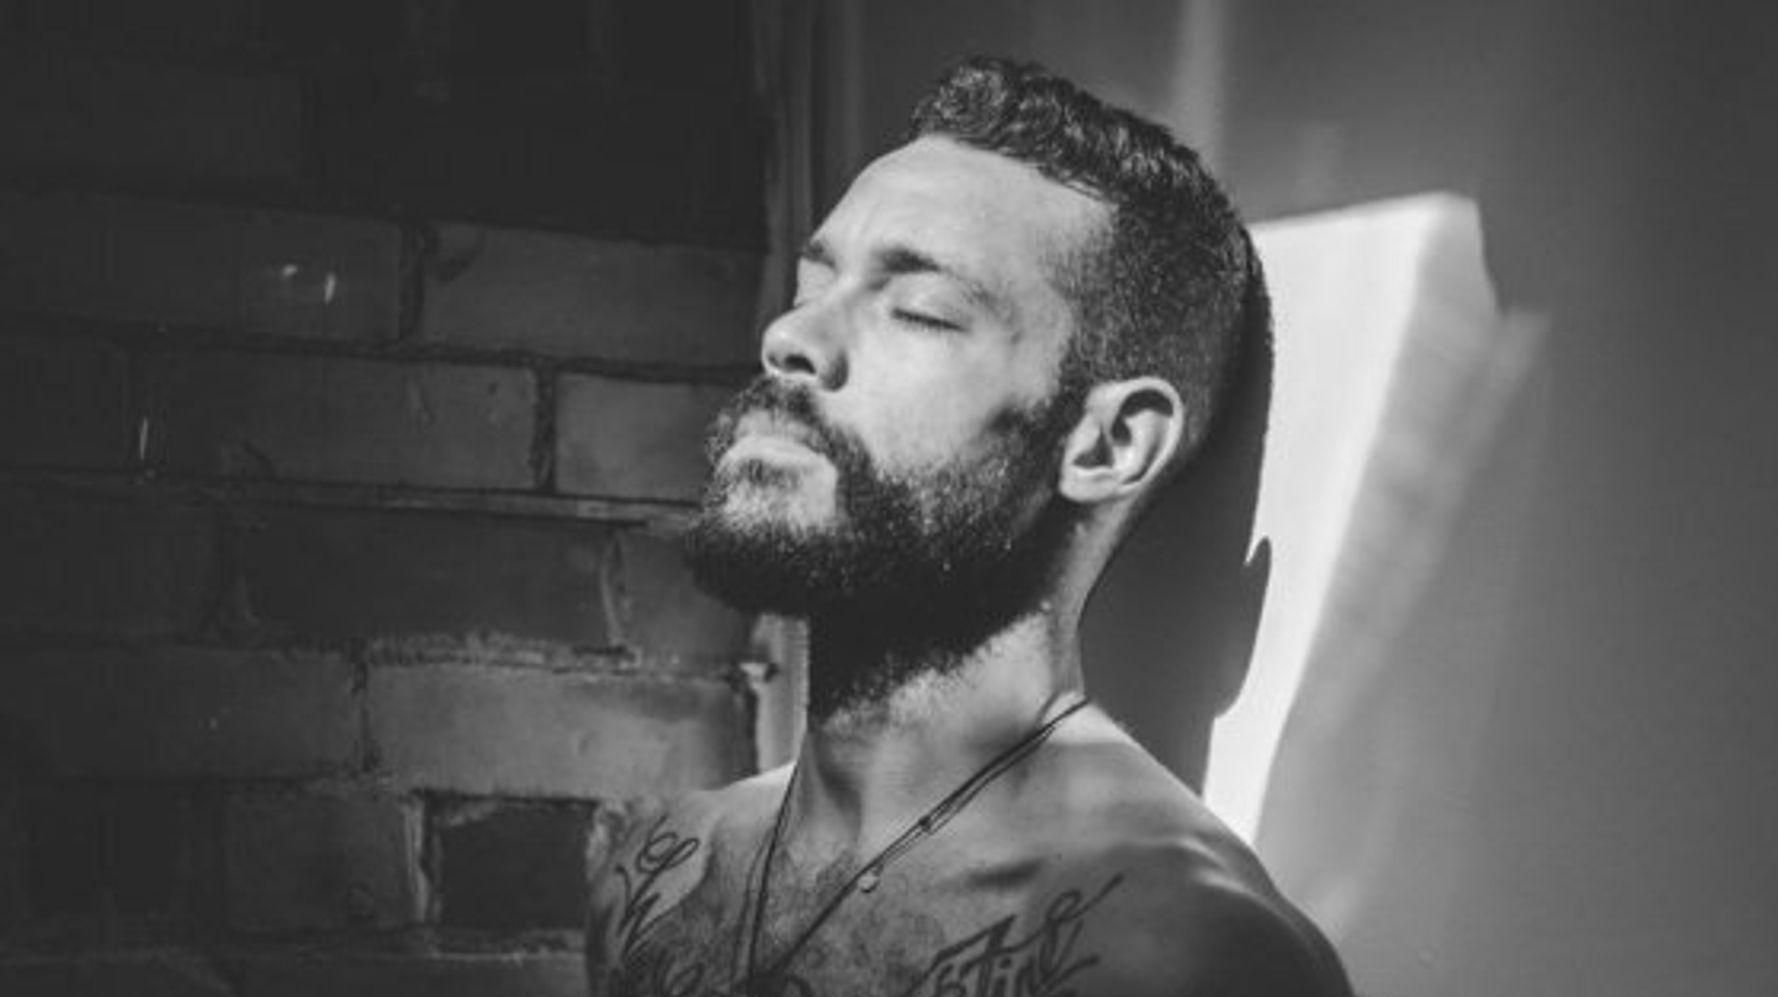 rencontre mec gay icon à Hyères